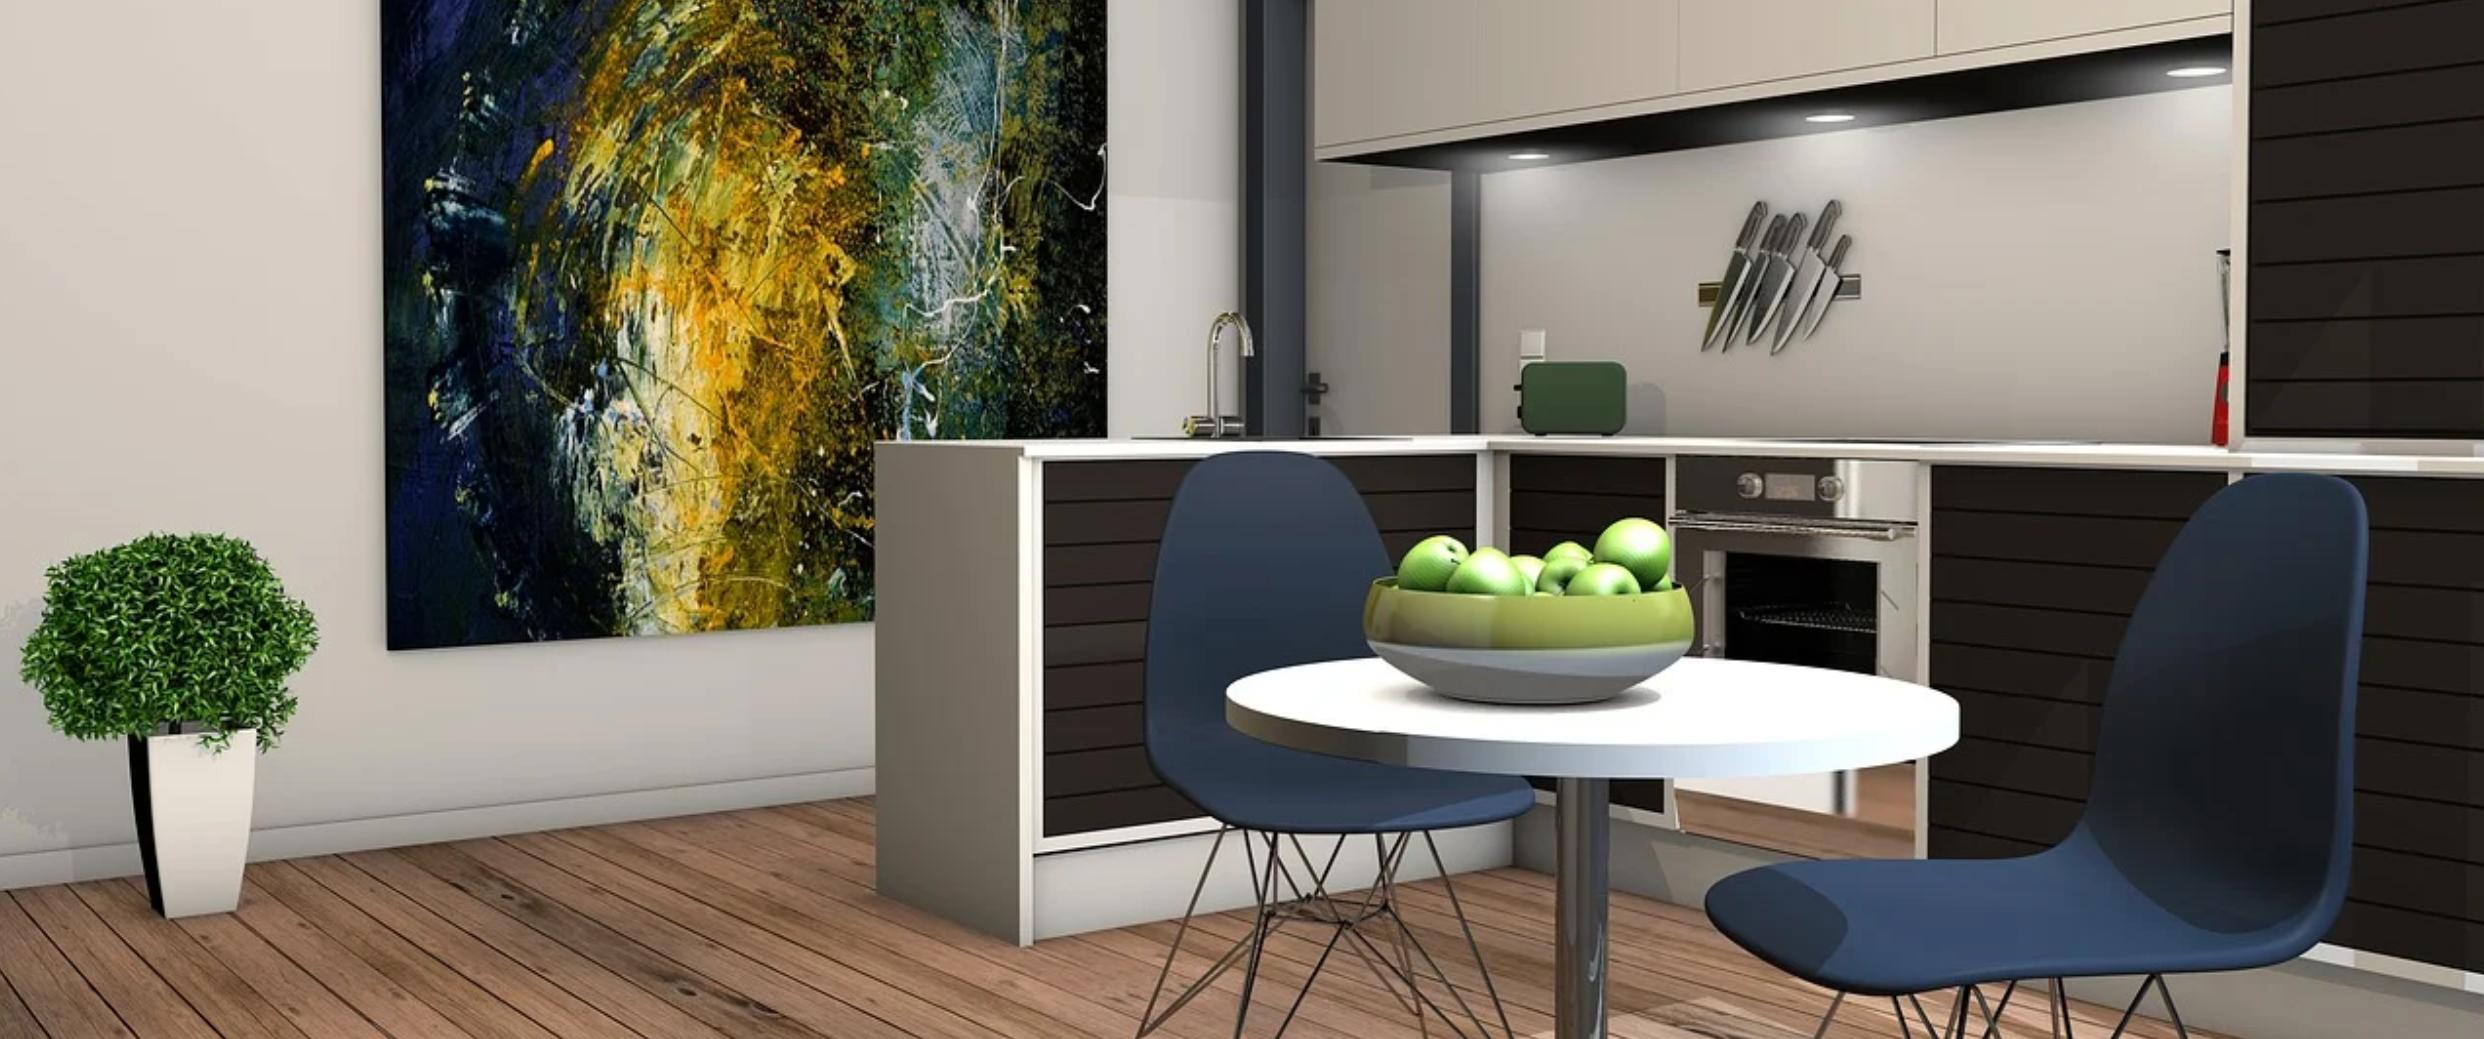 3D Möbel Zubehör Konfigurator